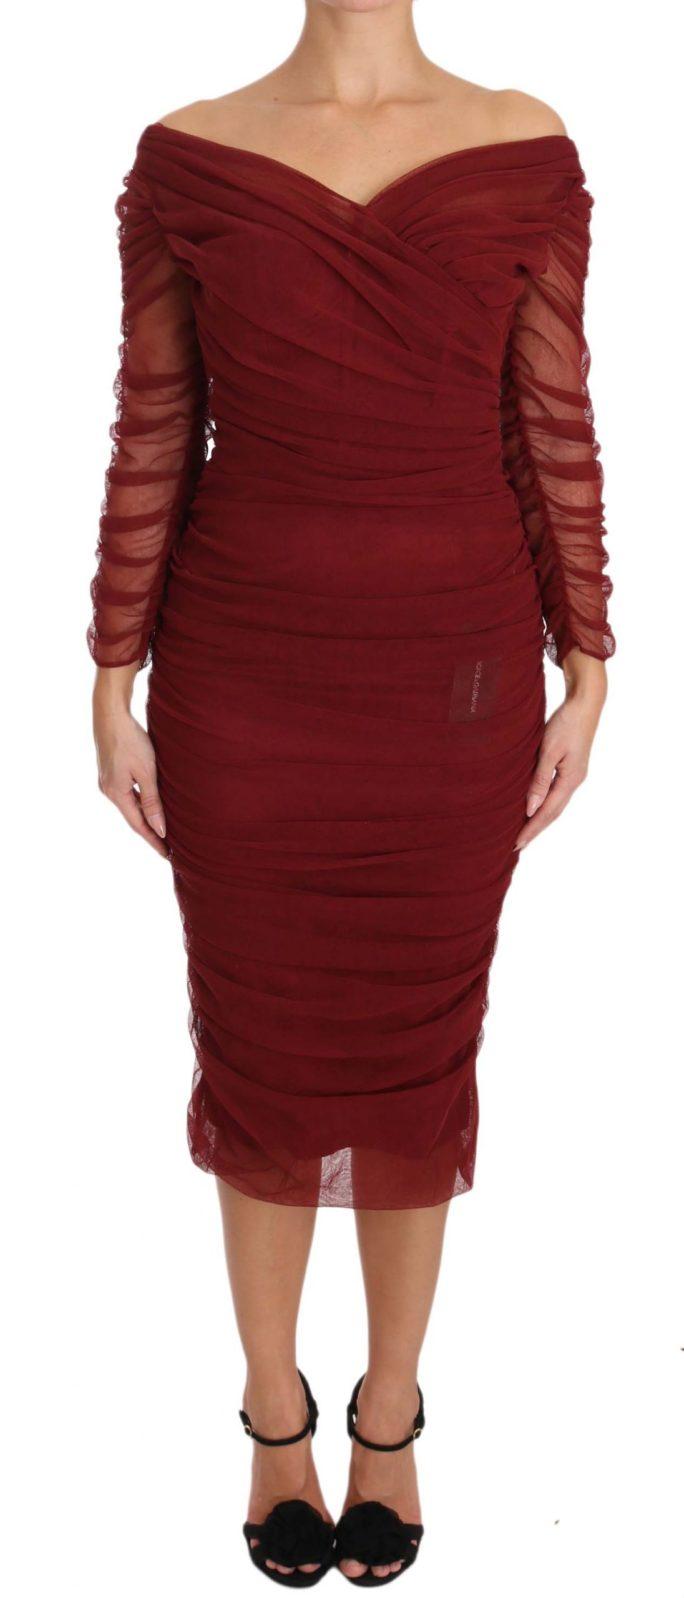 639834 Red Stretch Sheath Bodycon Gown Dress.jpg